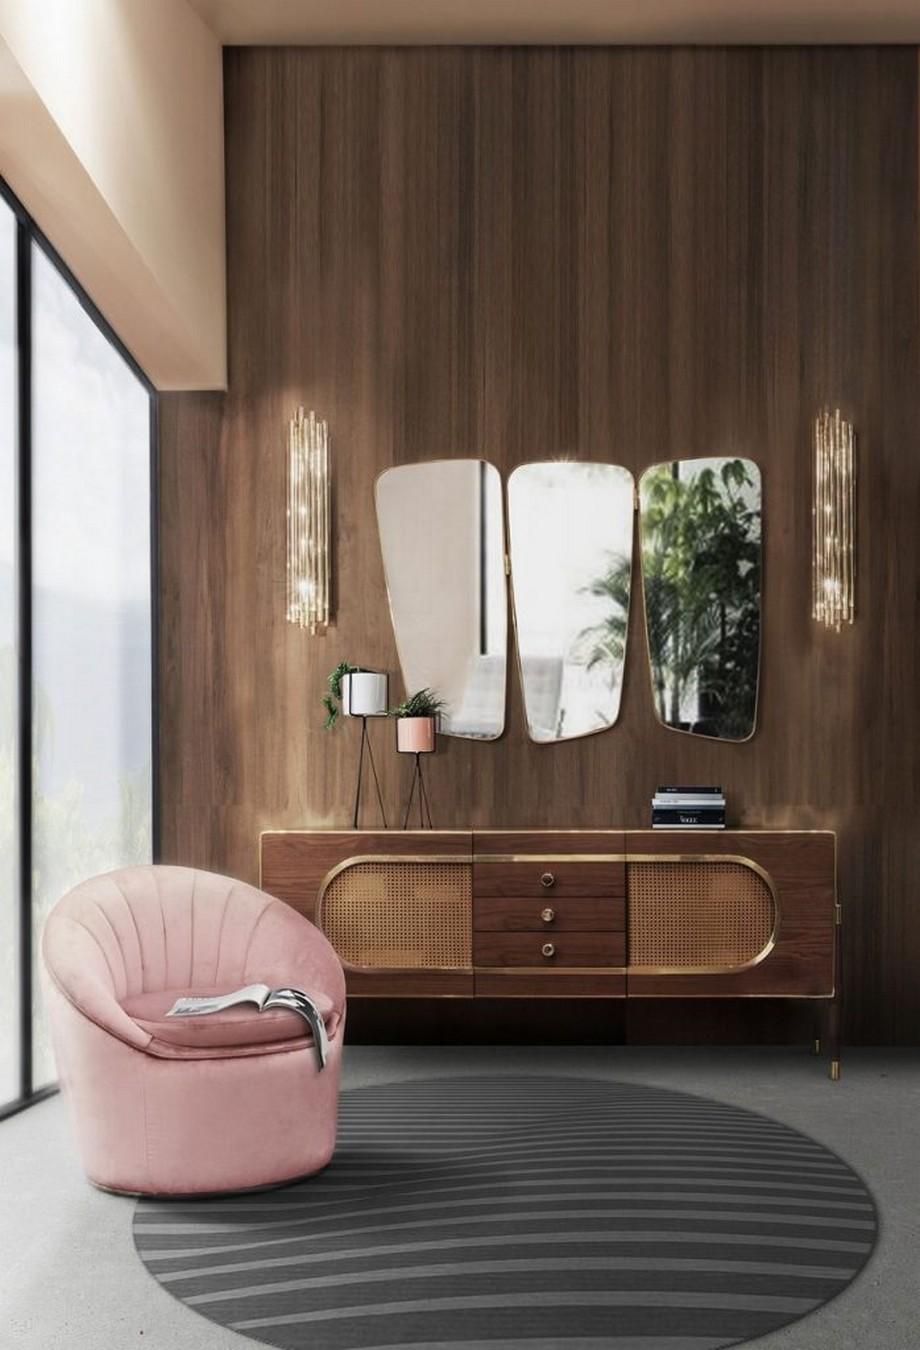 Tendencias de Interiorismo: Ideas de lujo para proyectos medio-siglo tendencias de interiorismo Tendencias de Interiorismo: Ideas de lujo para proyectos medio-siglo 1 698x1024